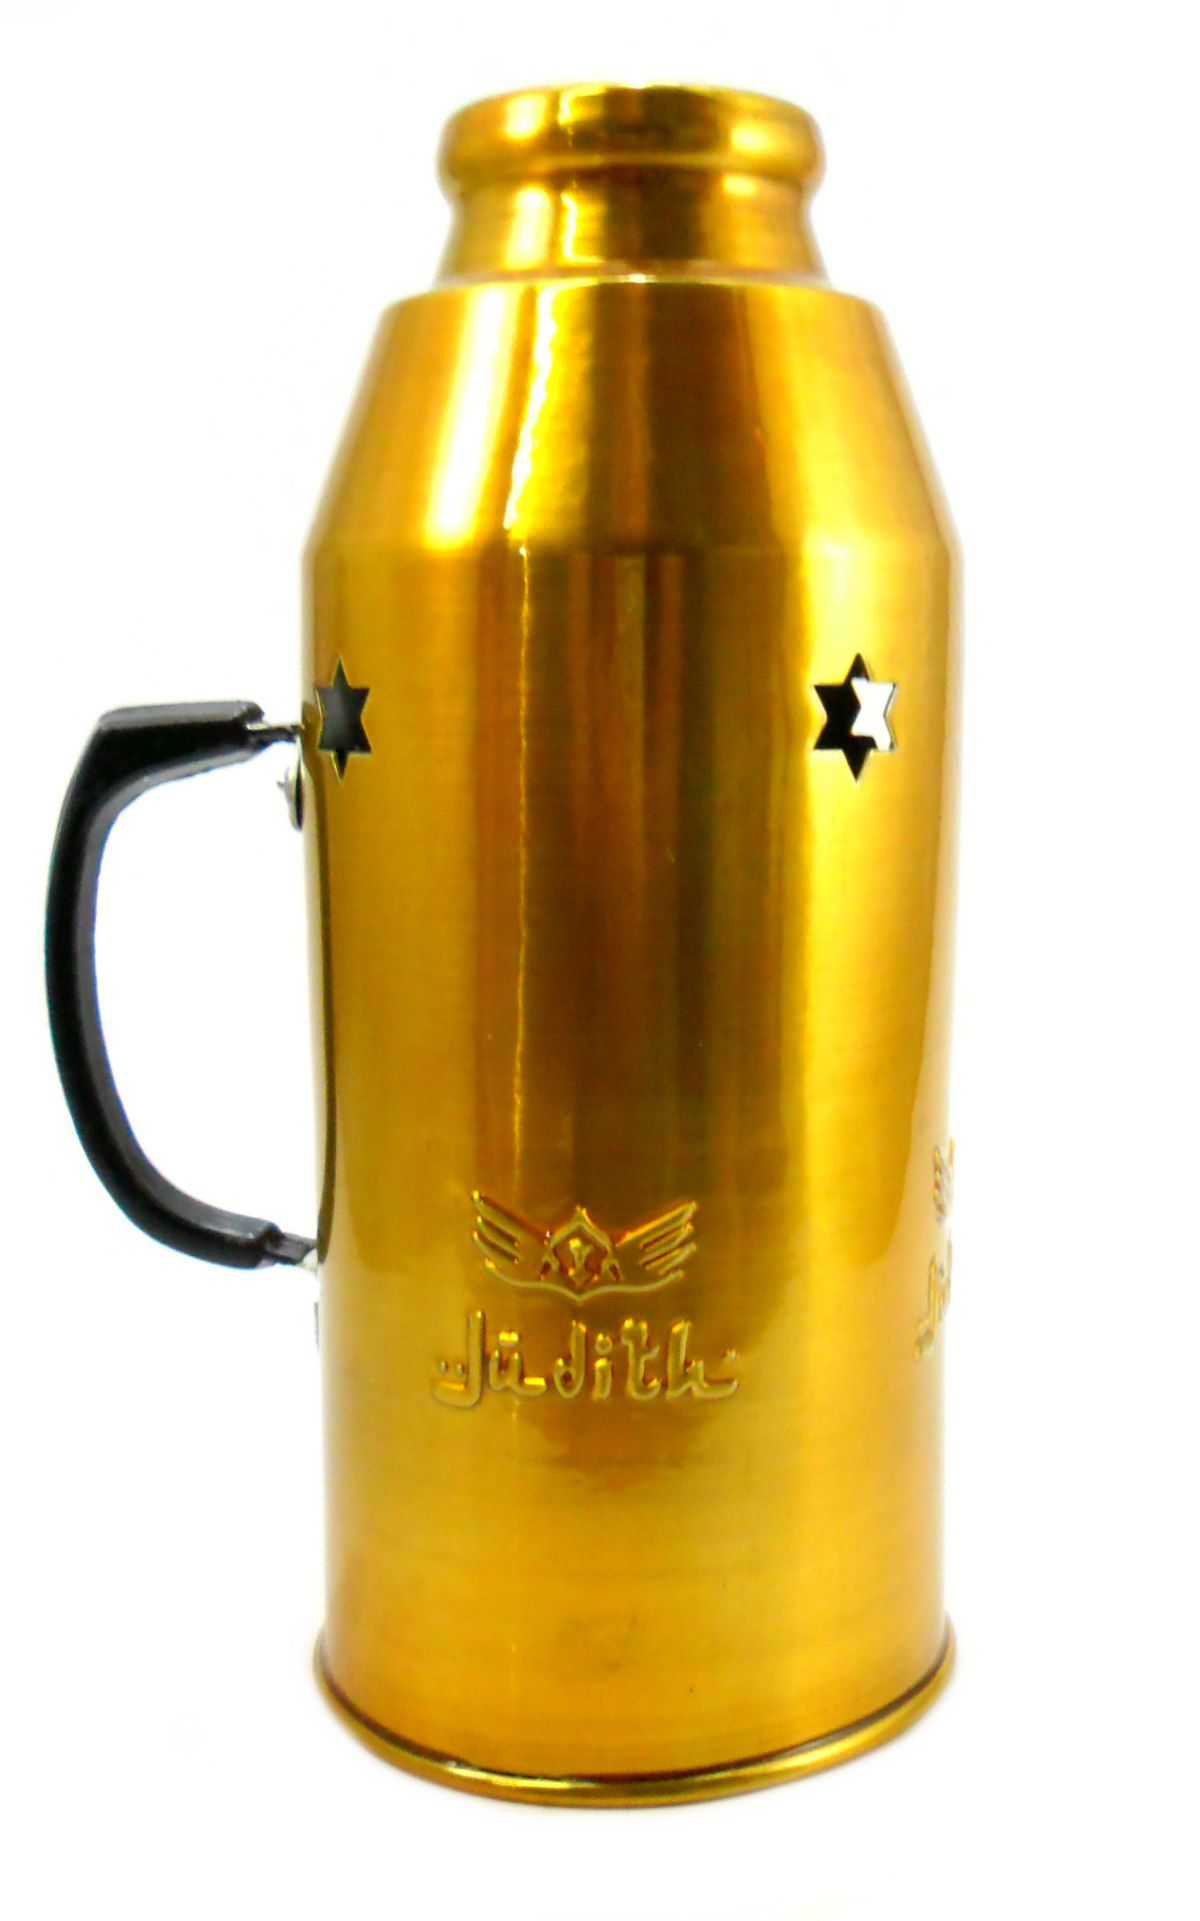 Abafador para narguile marca JUDITH em alumínio, pintura anodizada/epoxi. 10,5 cm diâmetro e 24 cm altura. Dourado